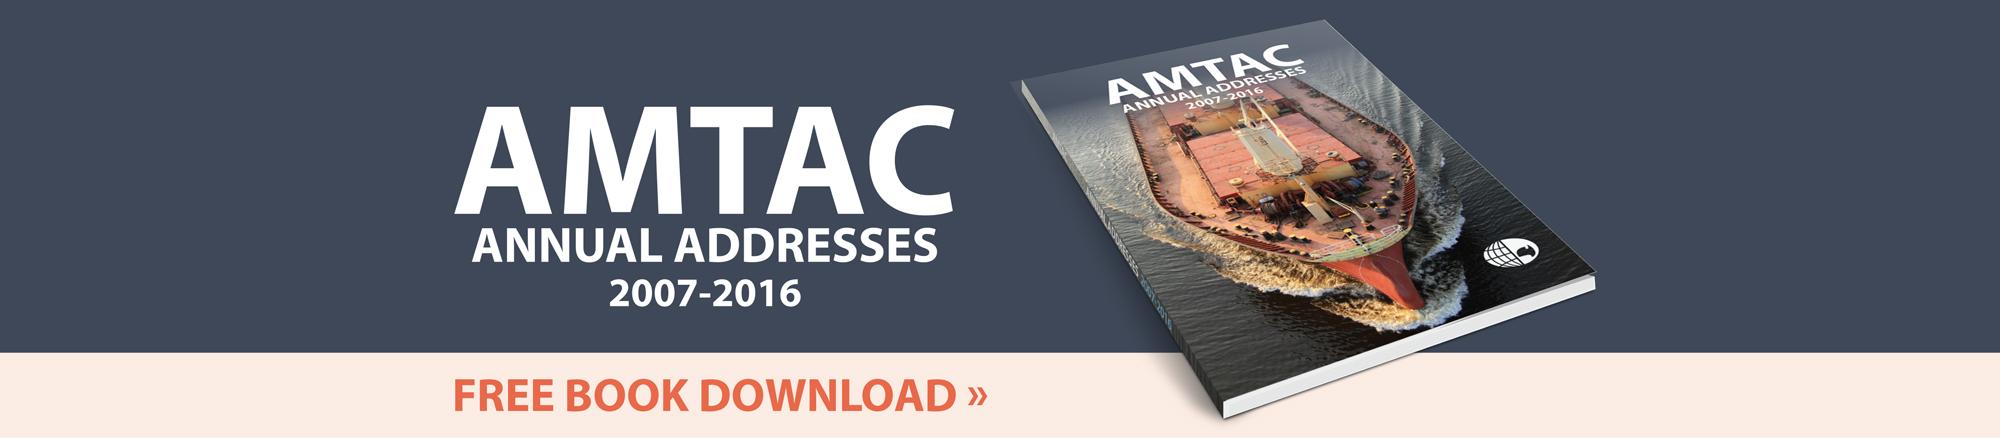 AMTAC_Book_Slide-03